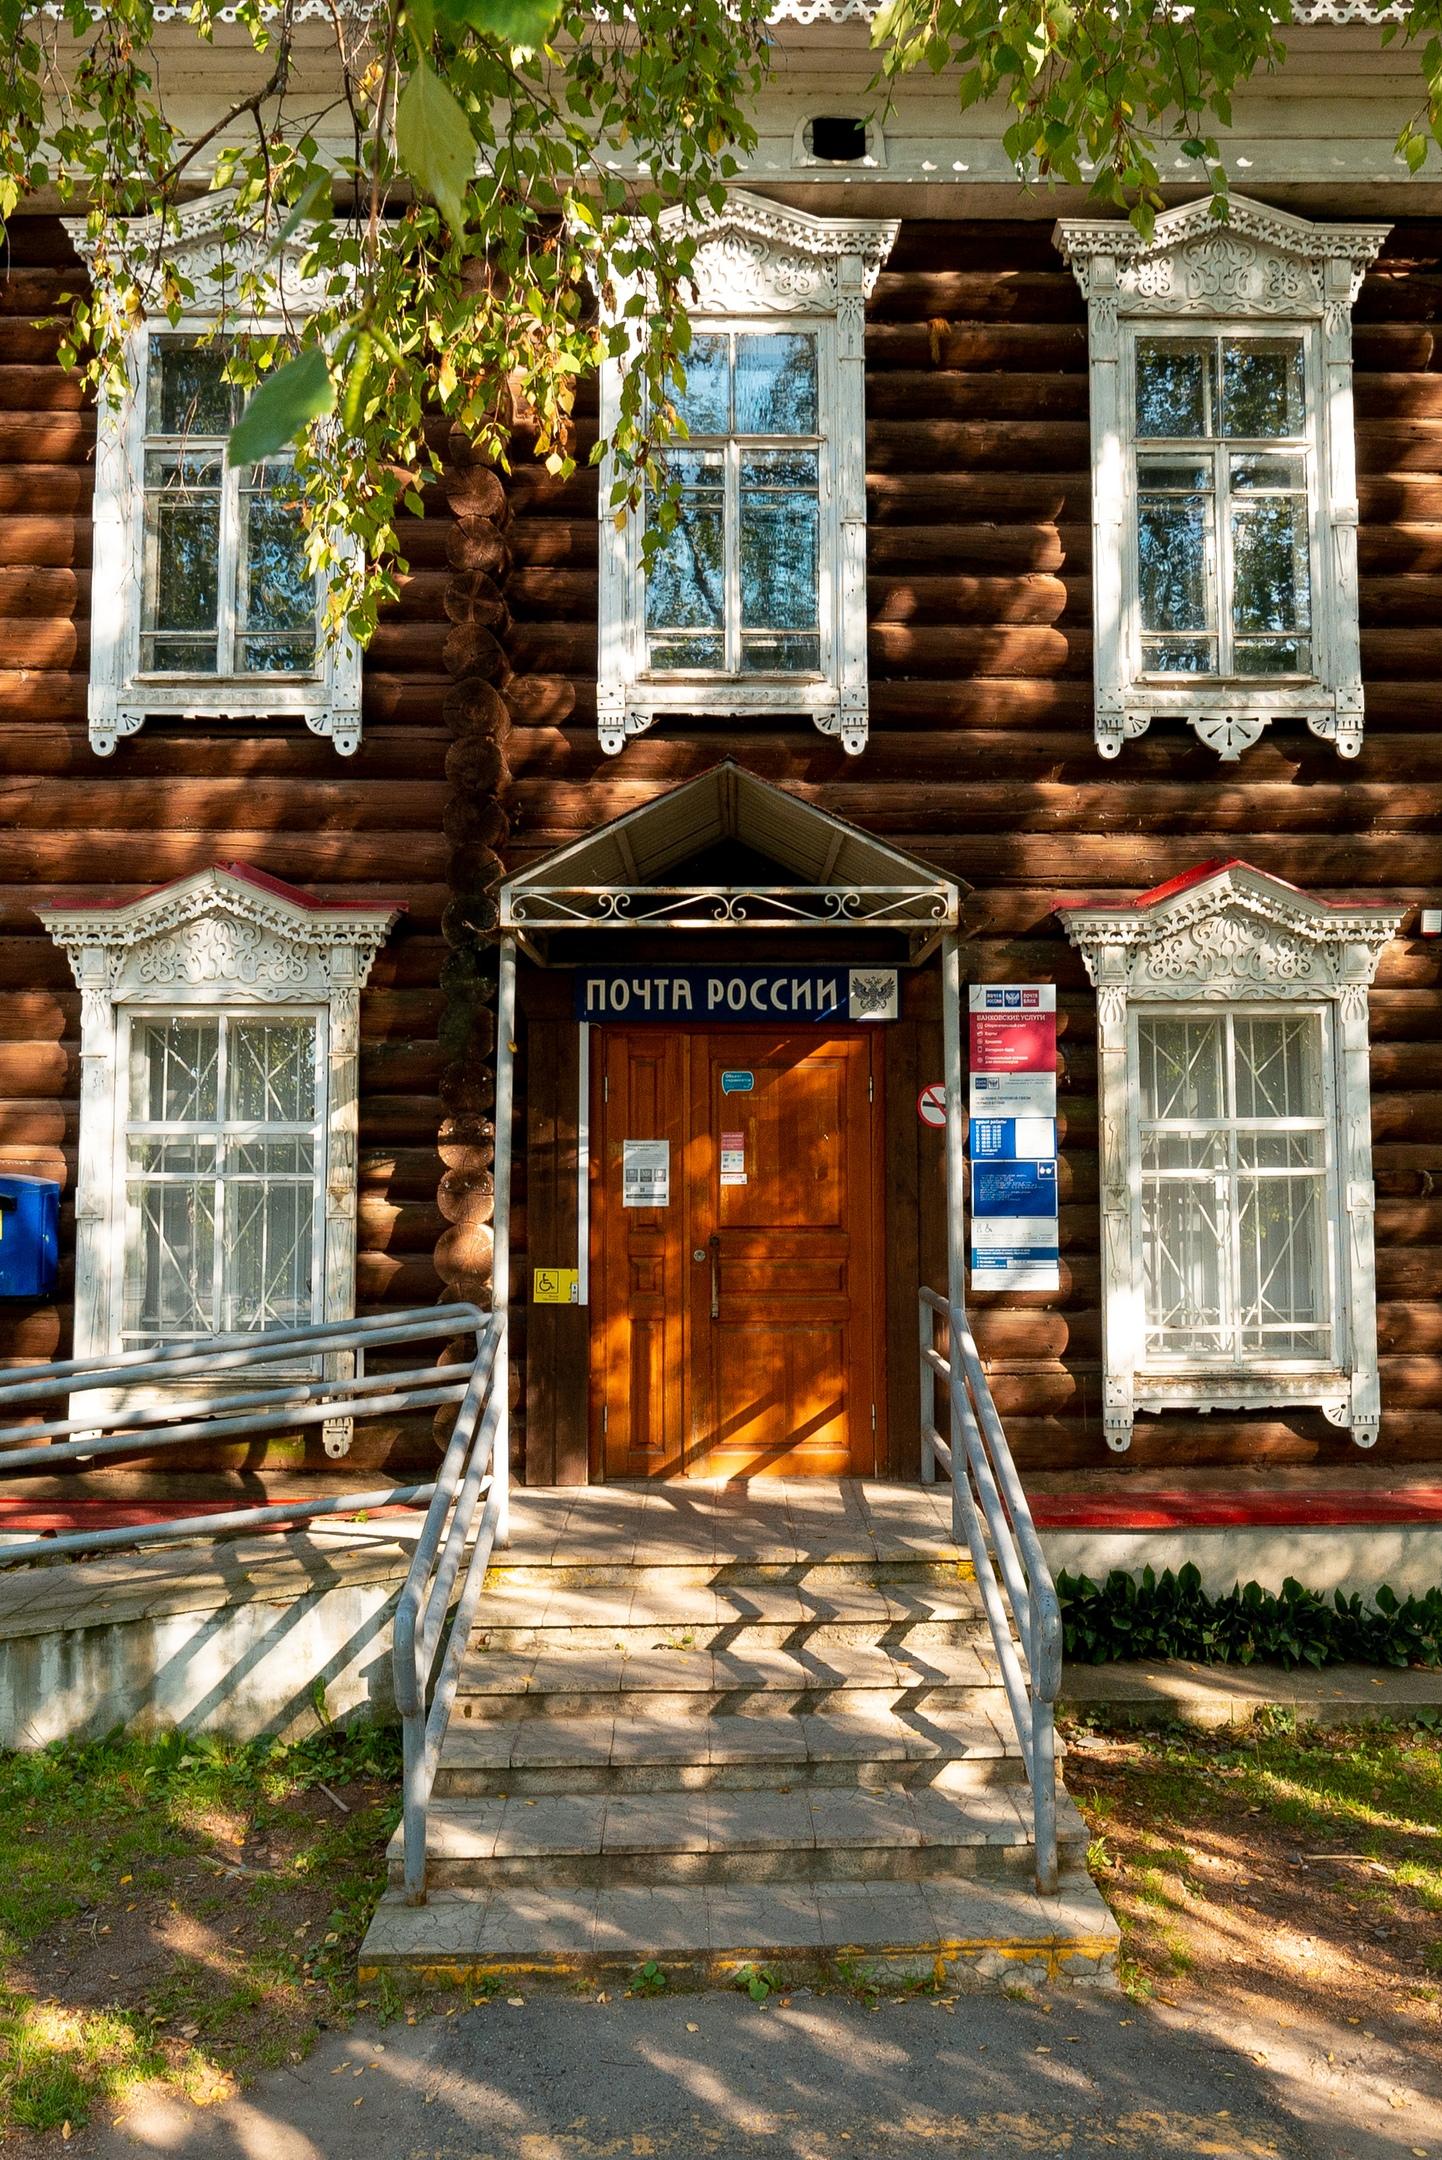 Отделение почты России в городе Чермоз, Пермский край - Фото